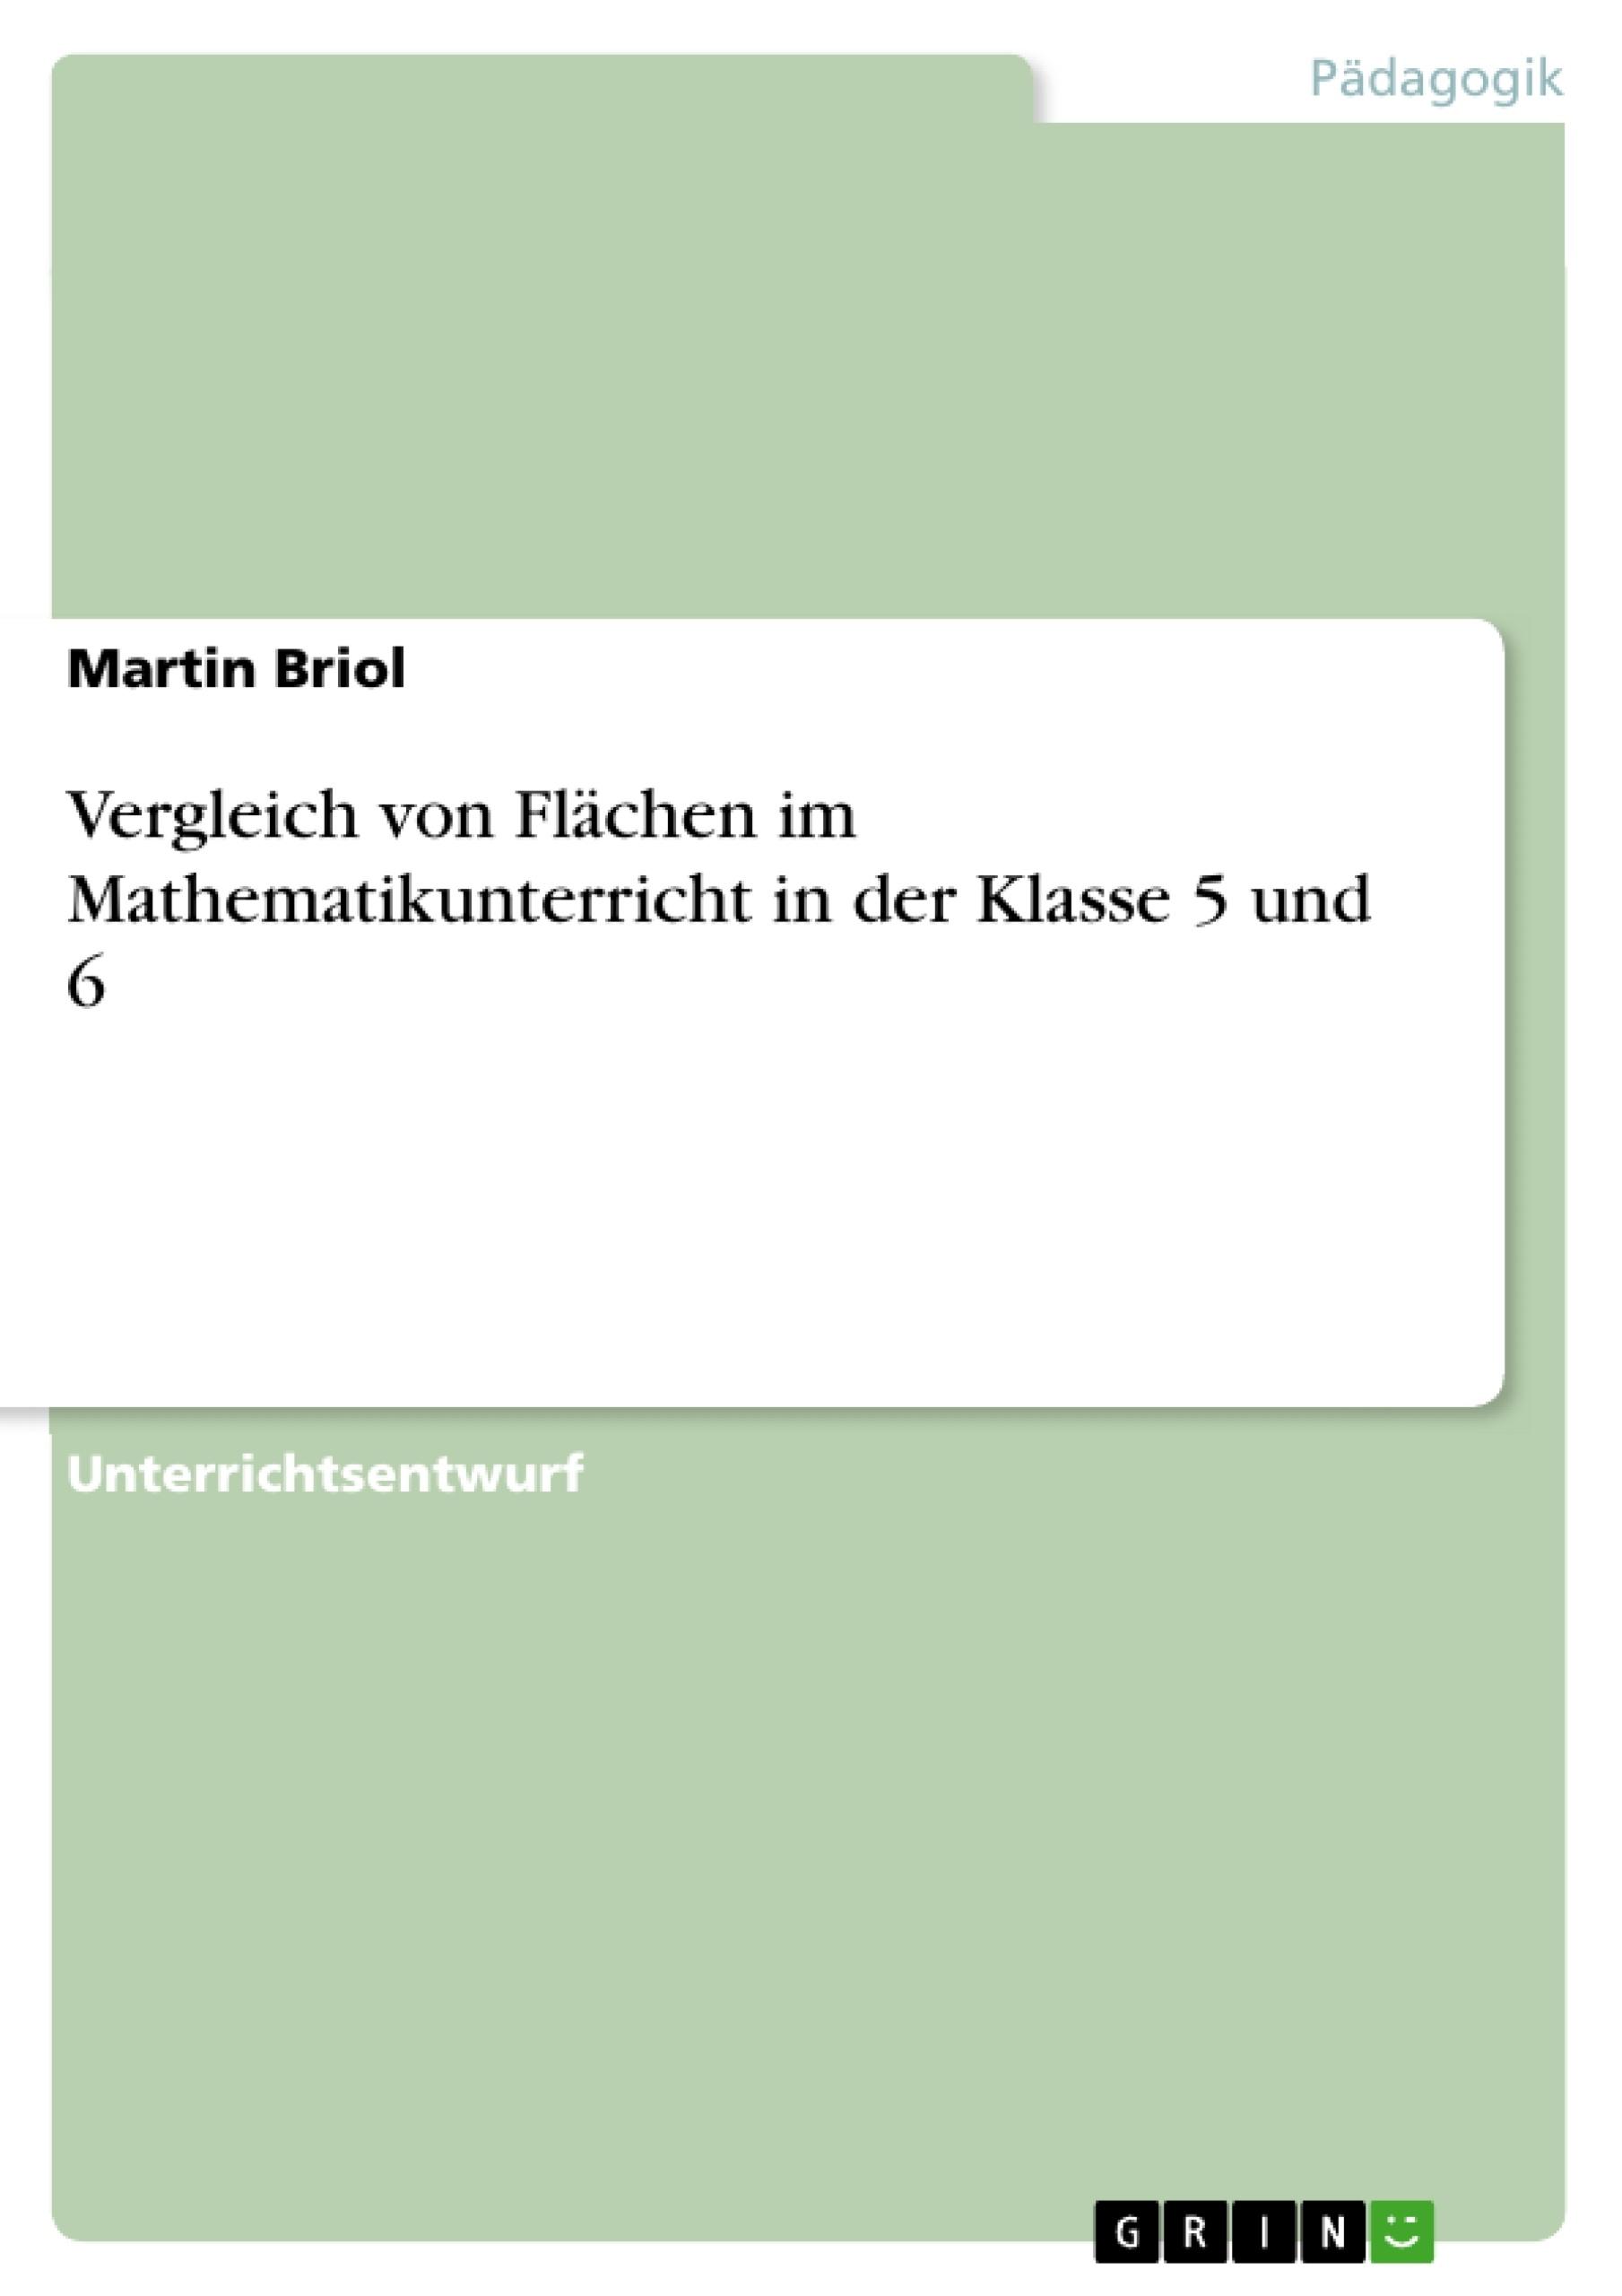 Titel: Vergleich von Flächen im Mathematikunterricht in der Klasse 5 und 6